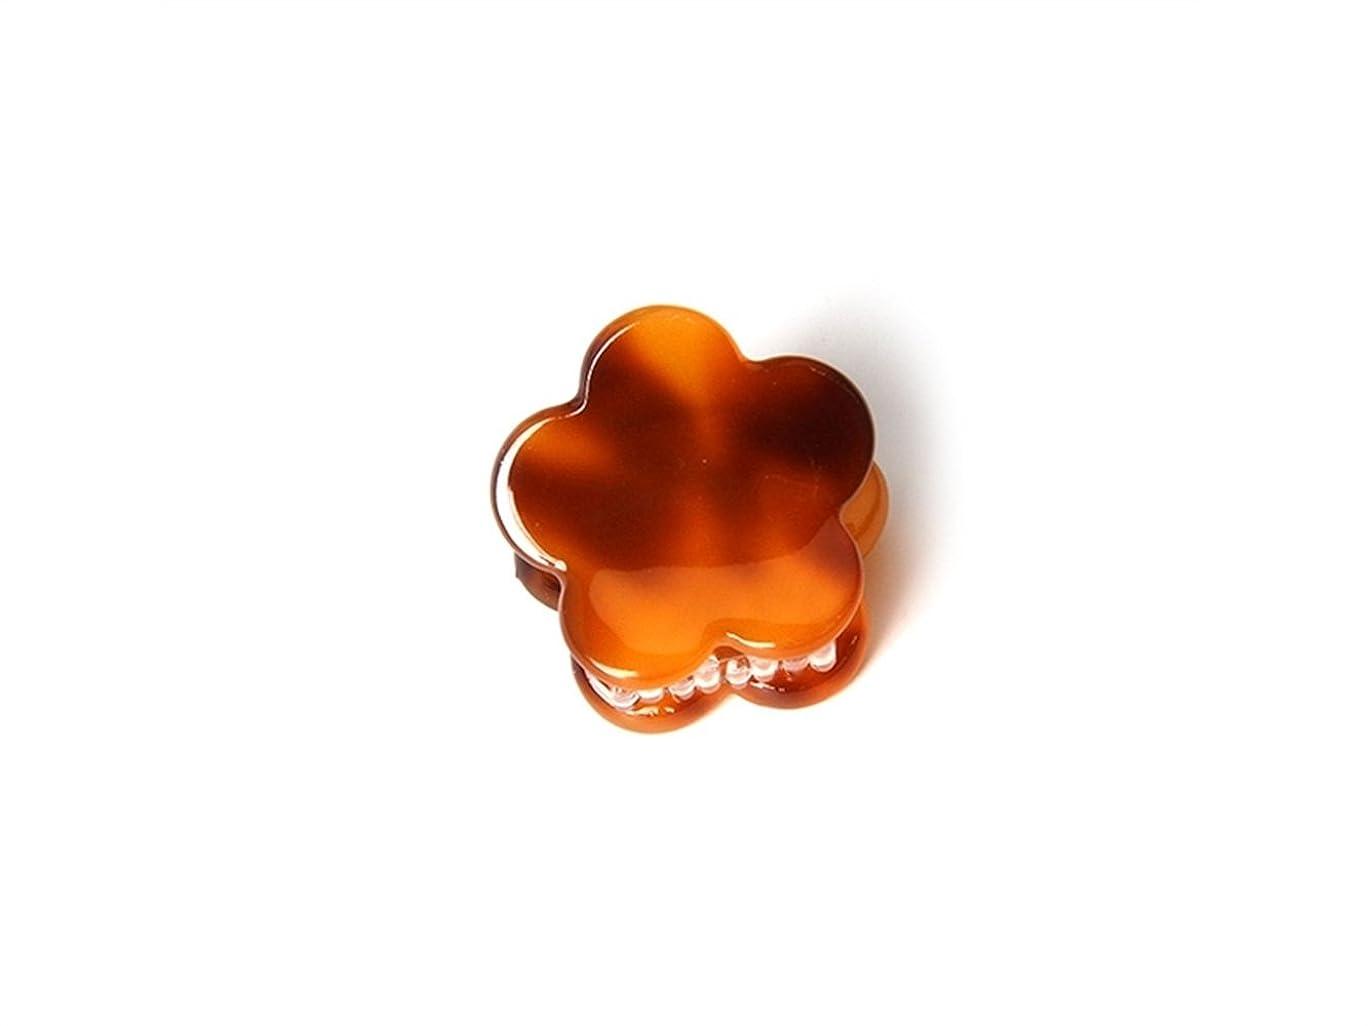 選択するストライク心理的Osize 美しいスタイル シンプルなフラワースクエアラウンド型の爪クリップミニジョークリップ(コーヒーフラワーシェイプ)